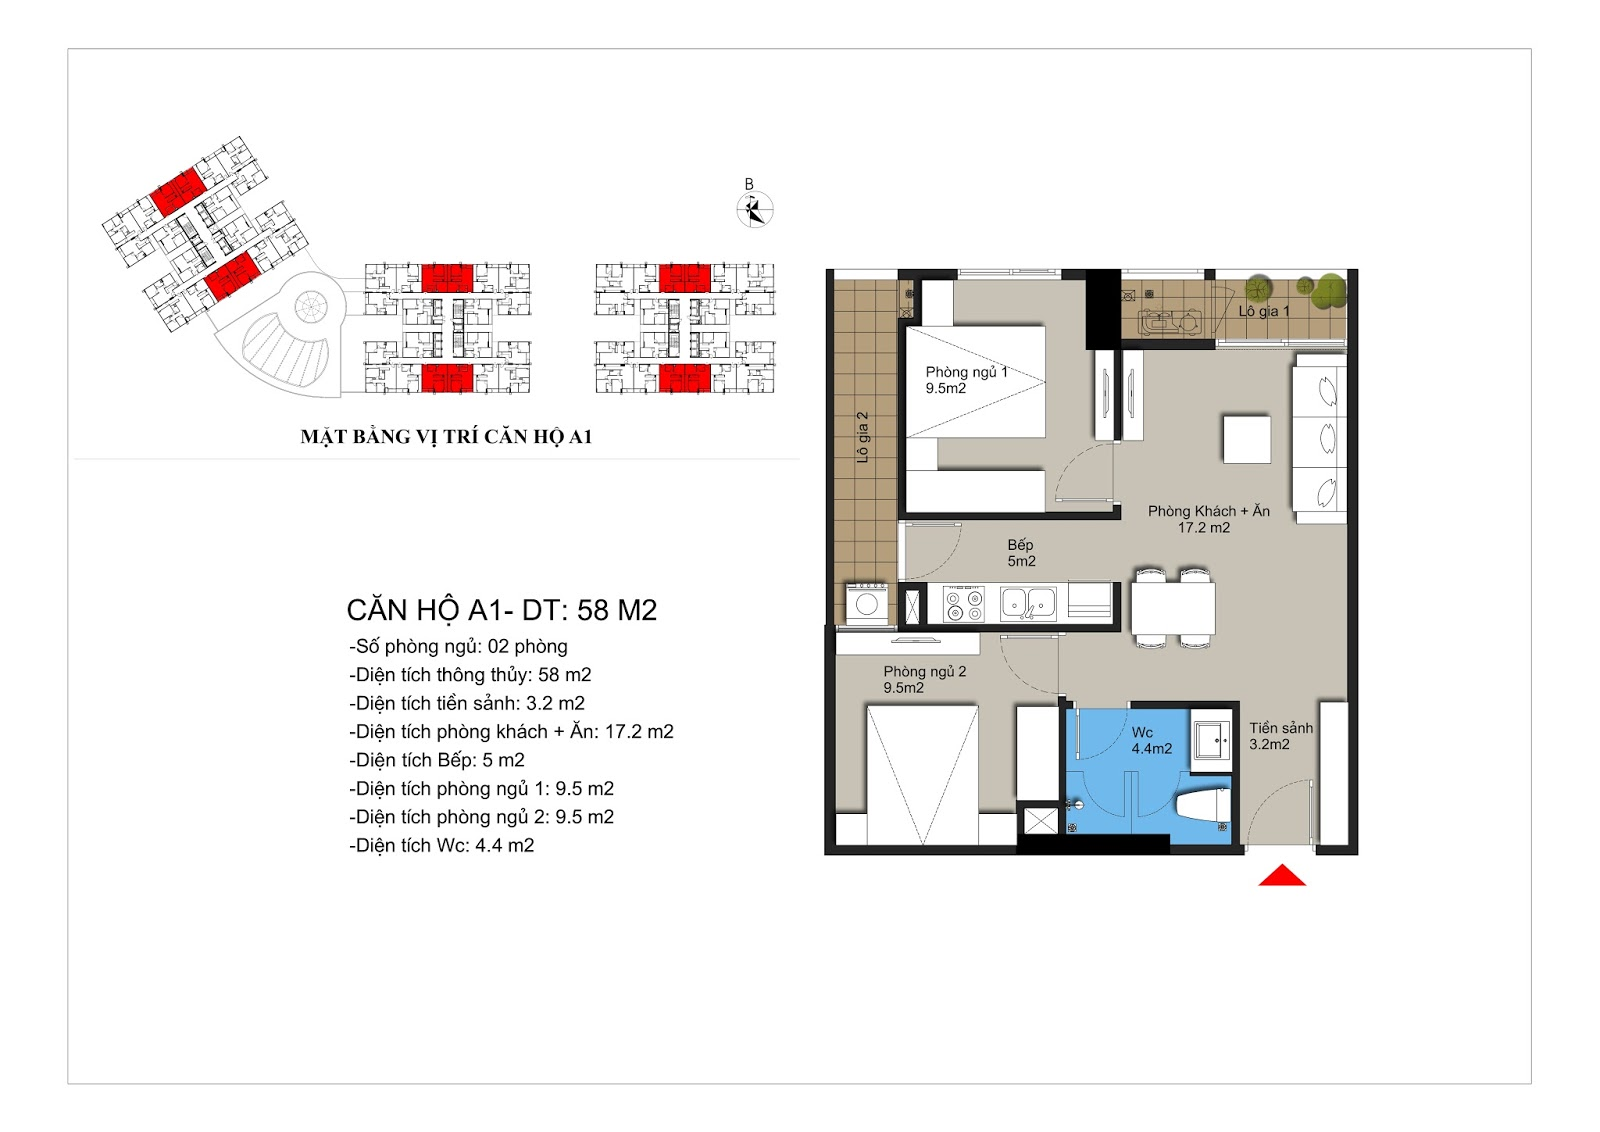 Thiết kế căn hộ A1 58m2 chung cư Hateco